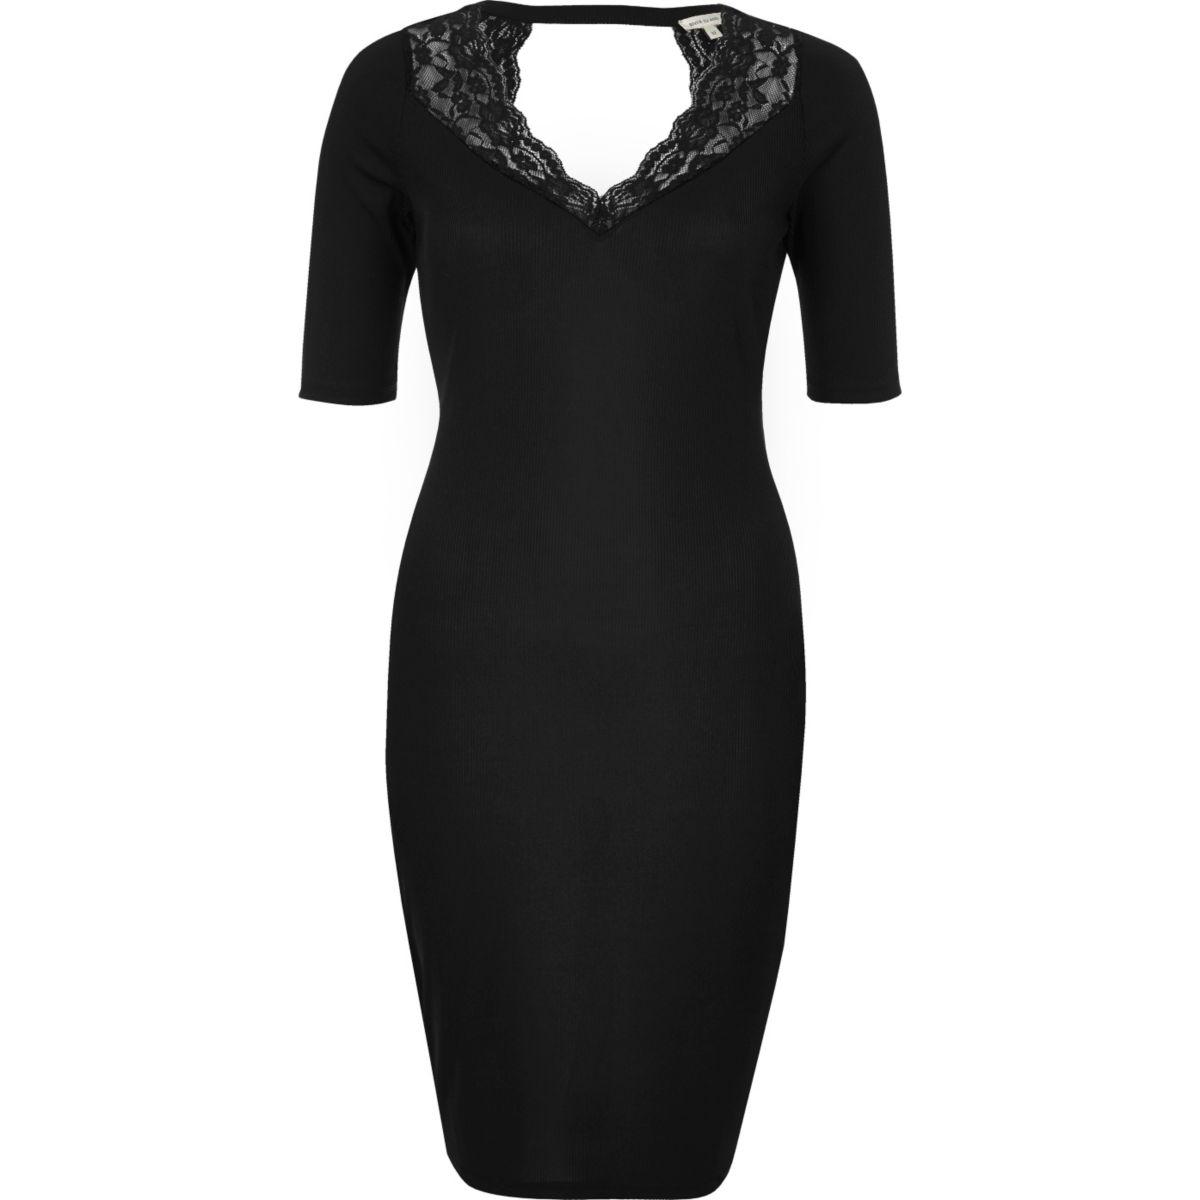 Geripptes Bodycon-Kleid mit Spitzensaum